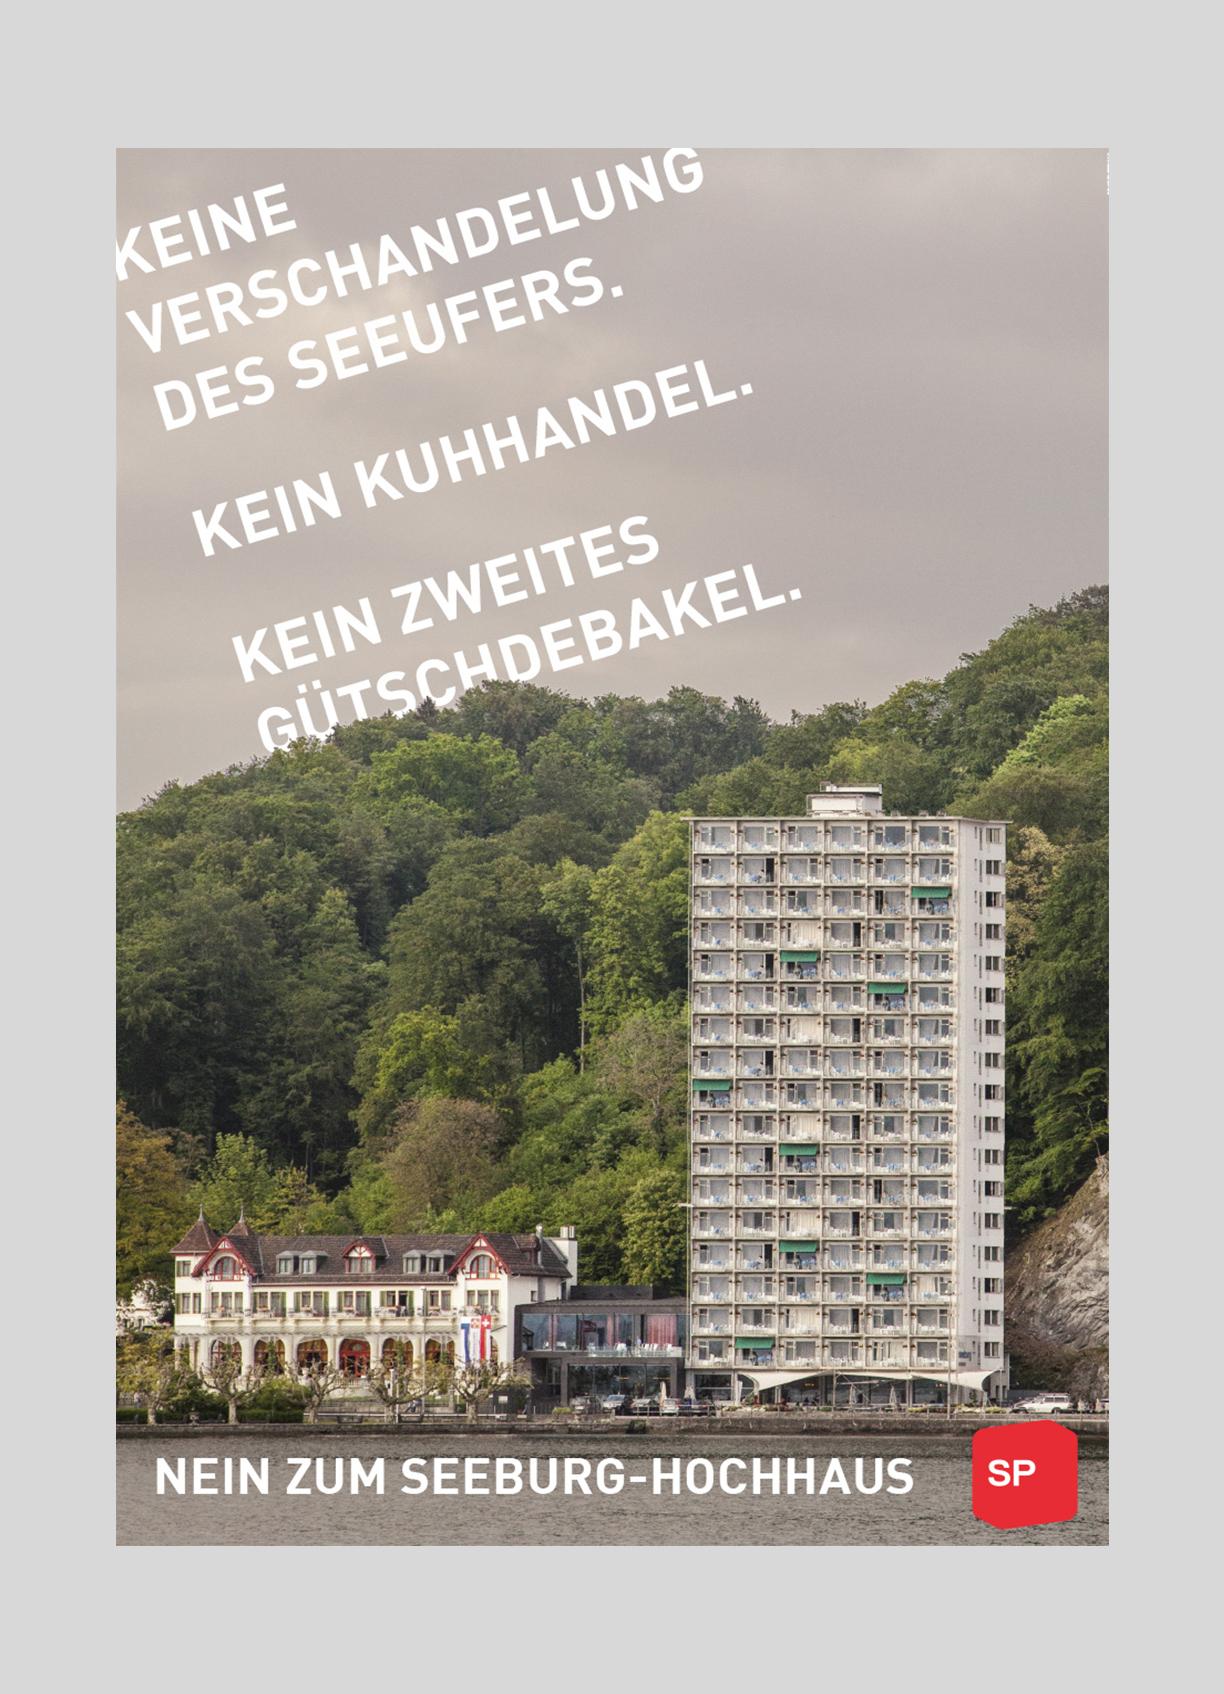 SP Stadt Luzern – Nein zum Seeburg-Hochhaus   2012  Abstimmungsplakat, gegen die Umzonung des Standorts Seeburg.